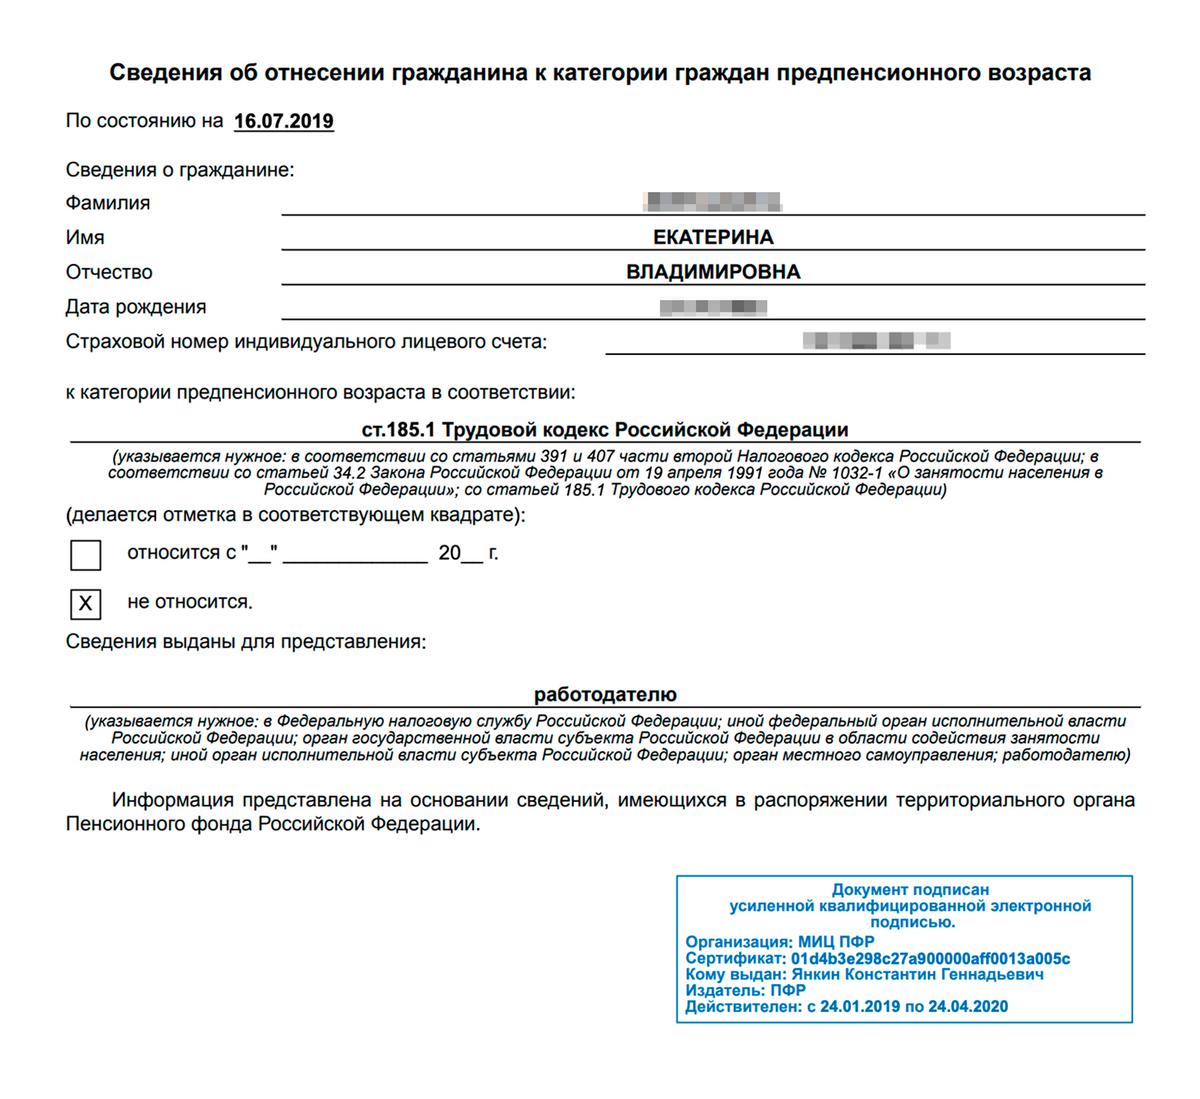 Справка о предпенсионном возрасте минимальная пенсия омская область 2021